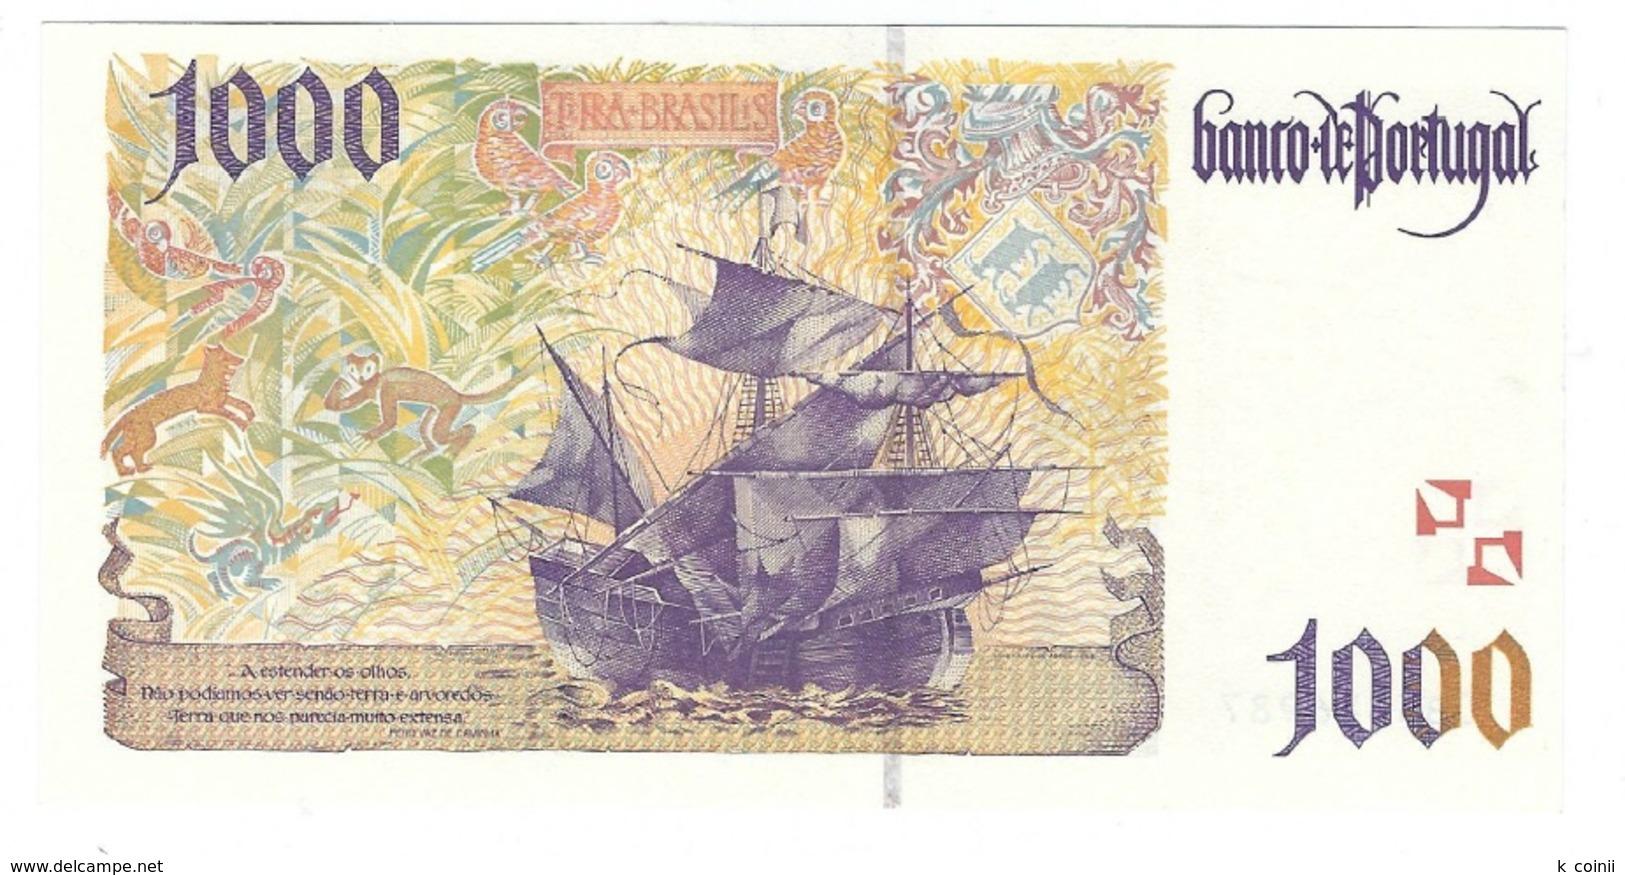 Portugal - 1000 Escudos (1000$00) 1998 12 March - UNC - Portugal